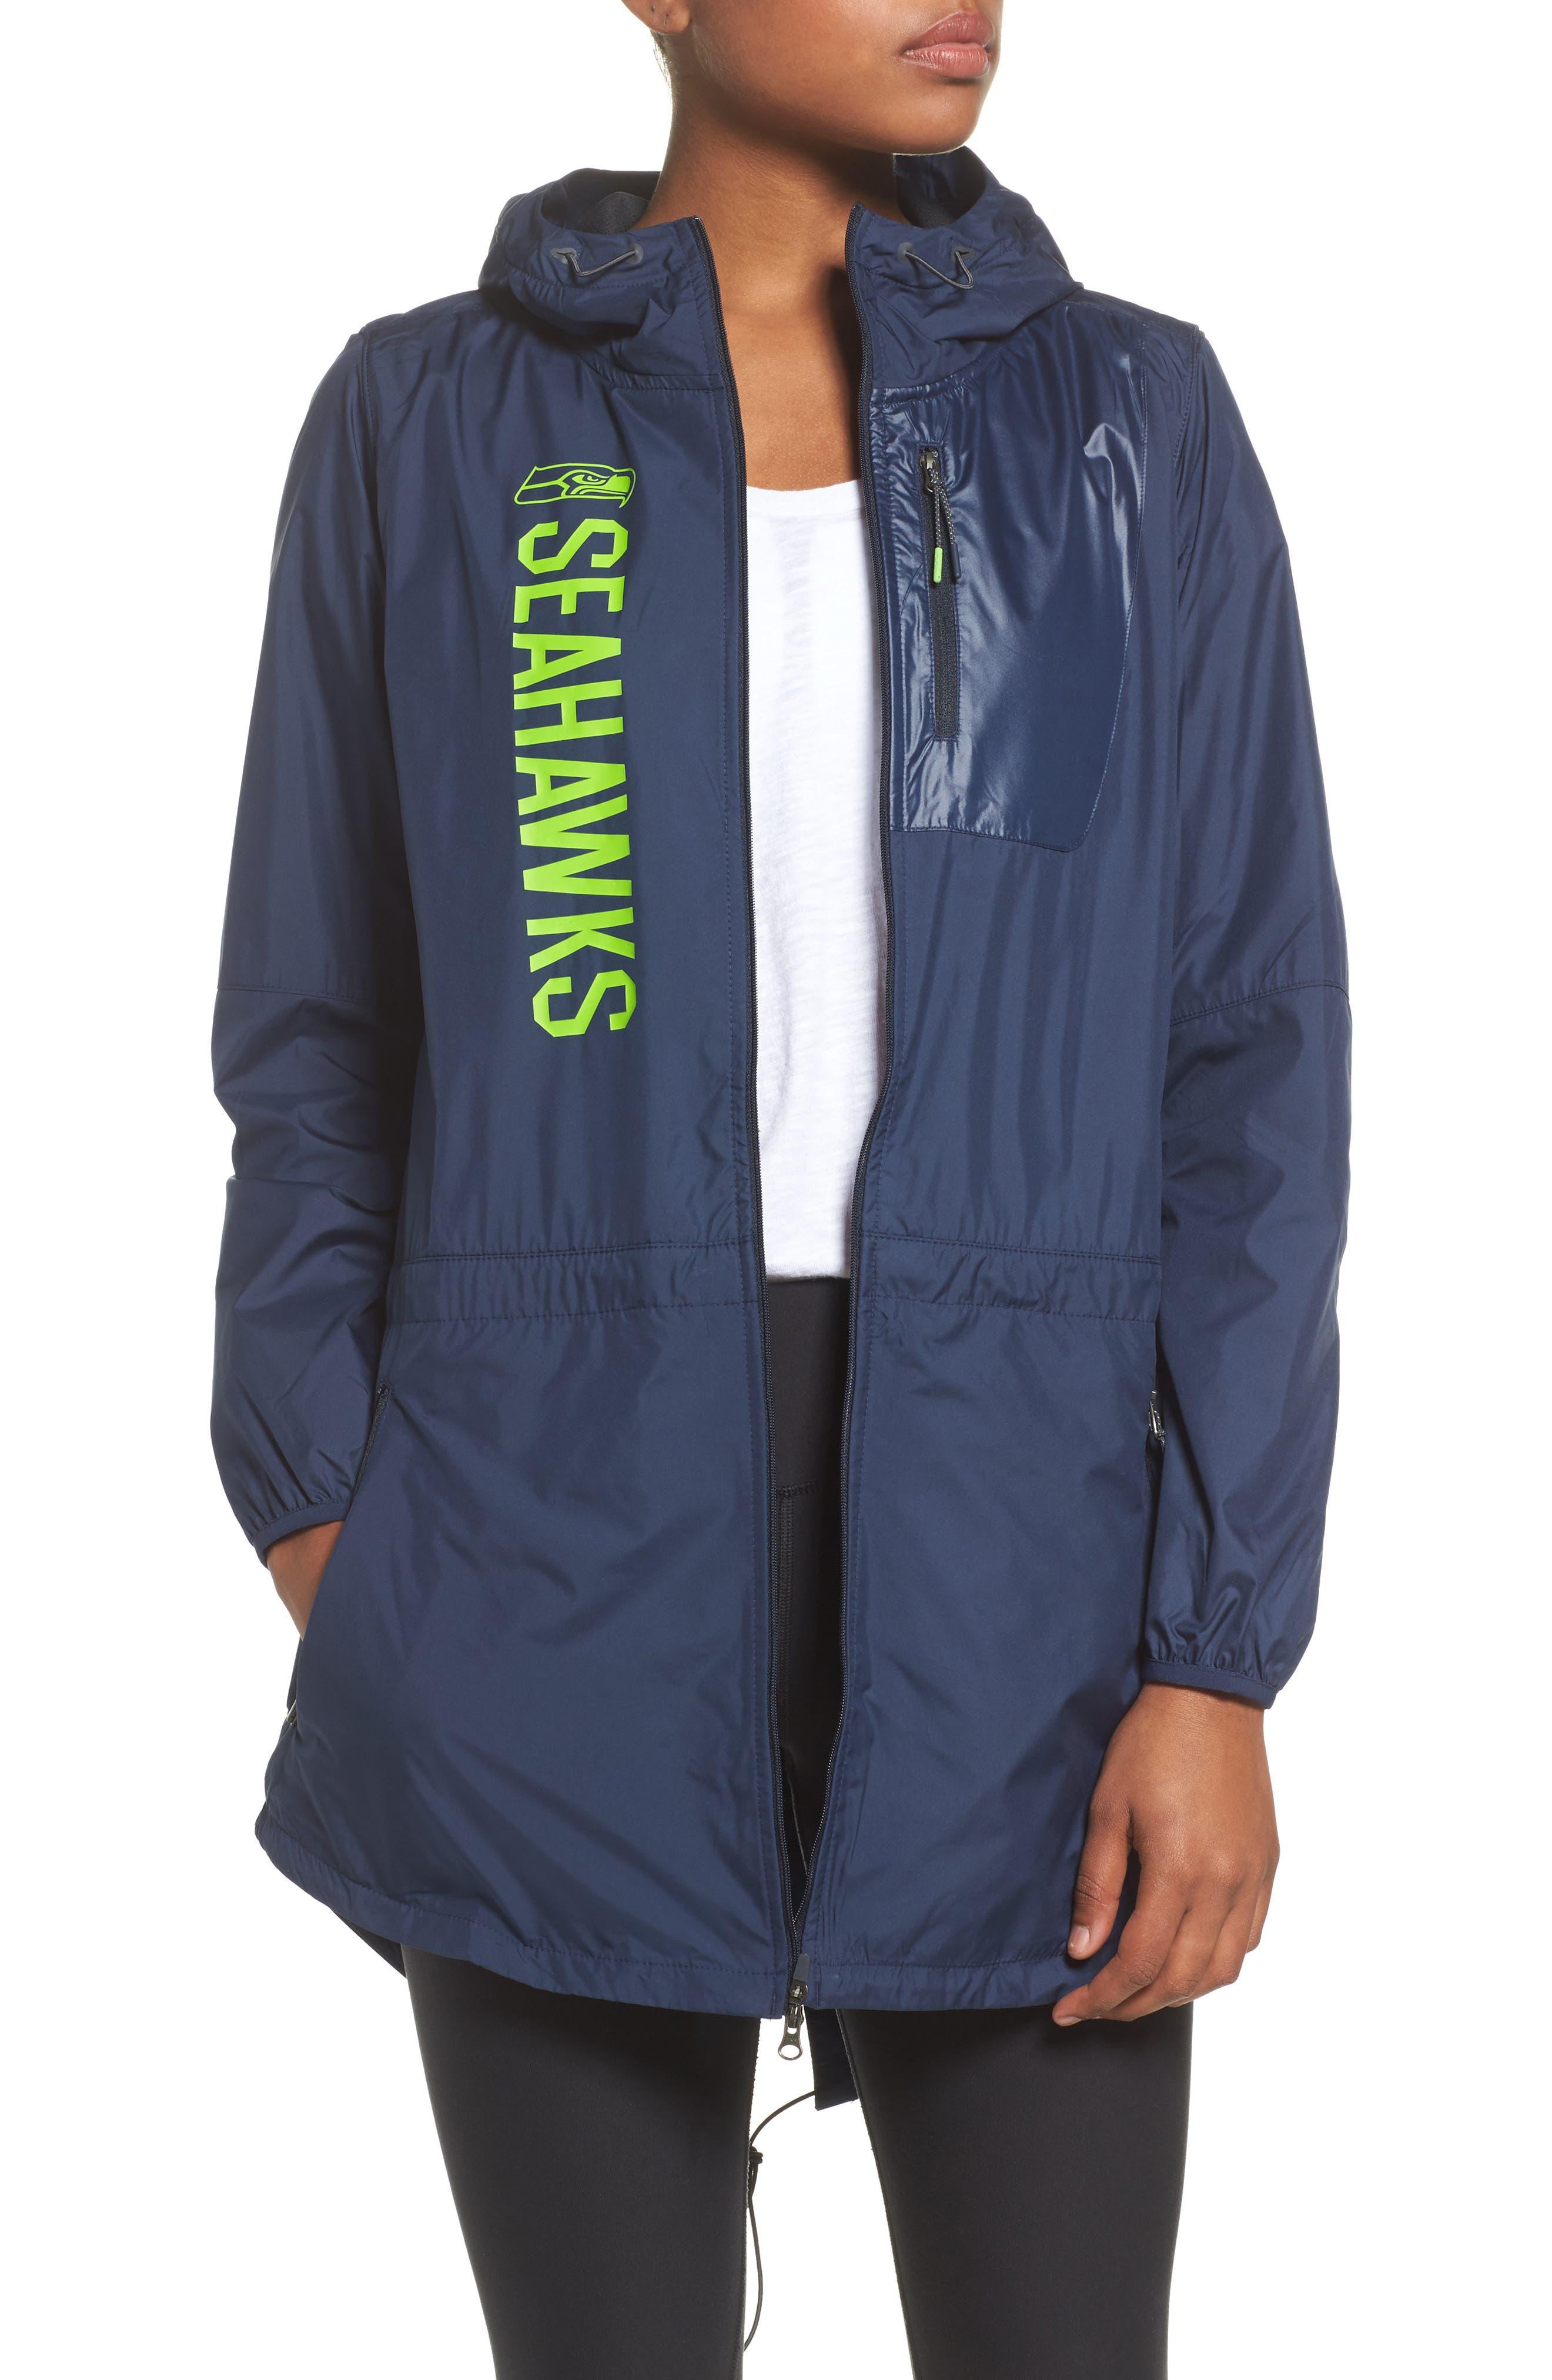 Alternate Image 1 Selected - Nike NFL Packable Water Resistant Jacket